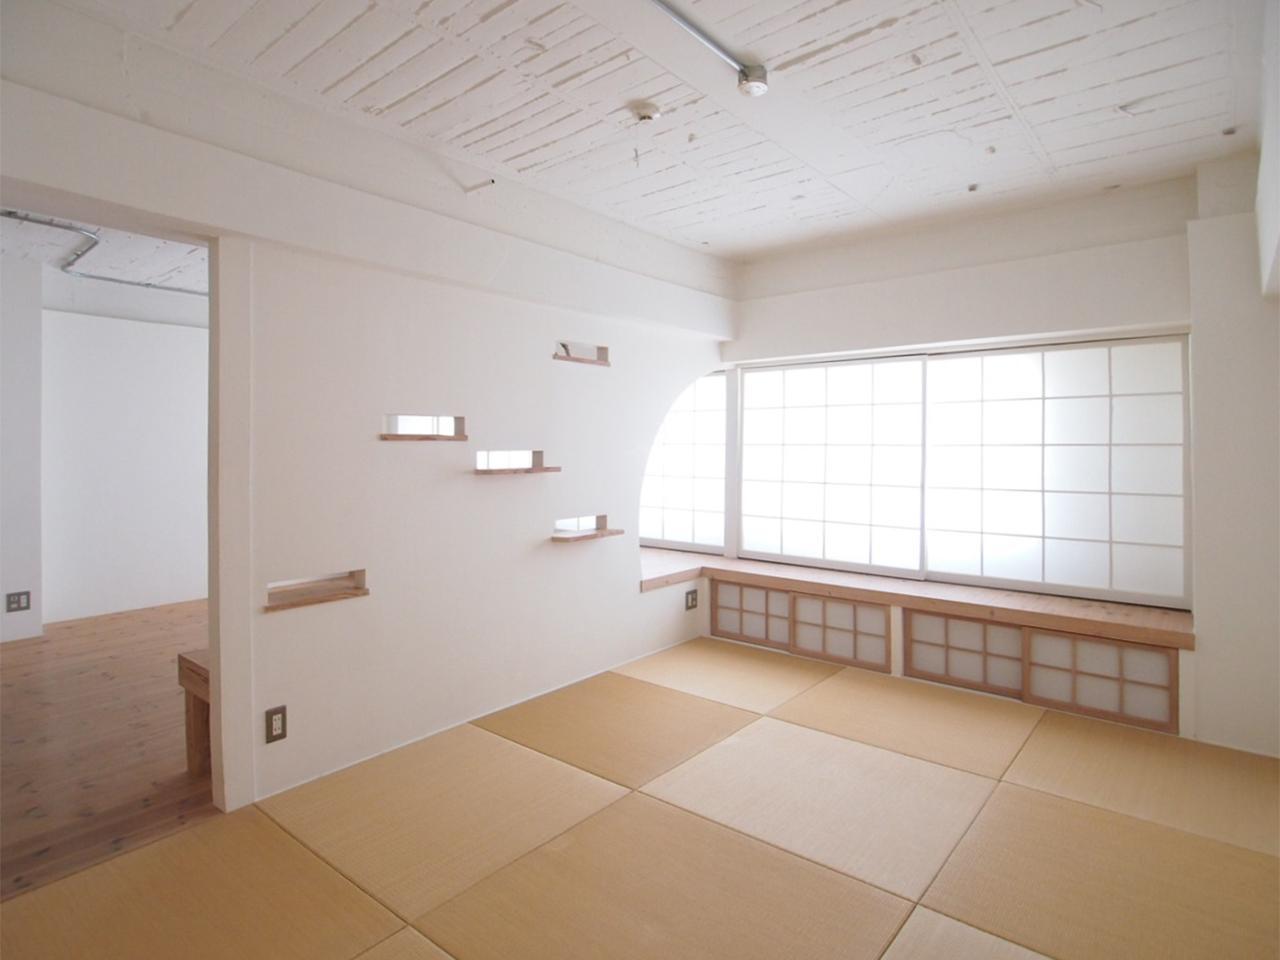 和室には表層を新たにした地袋も残っています